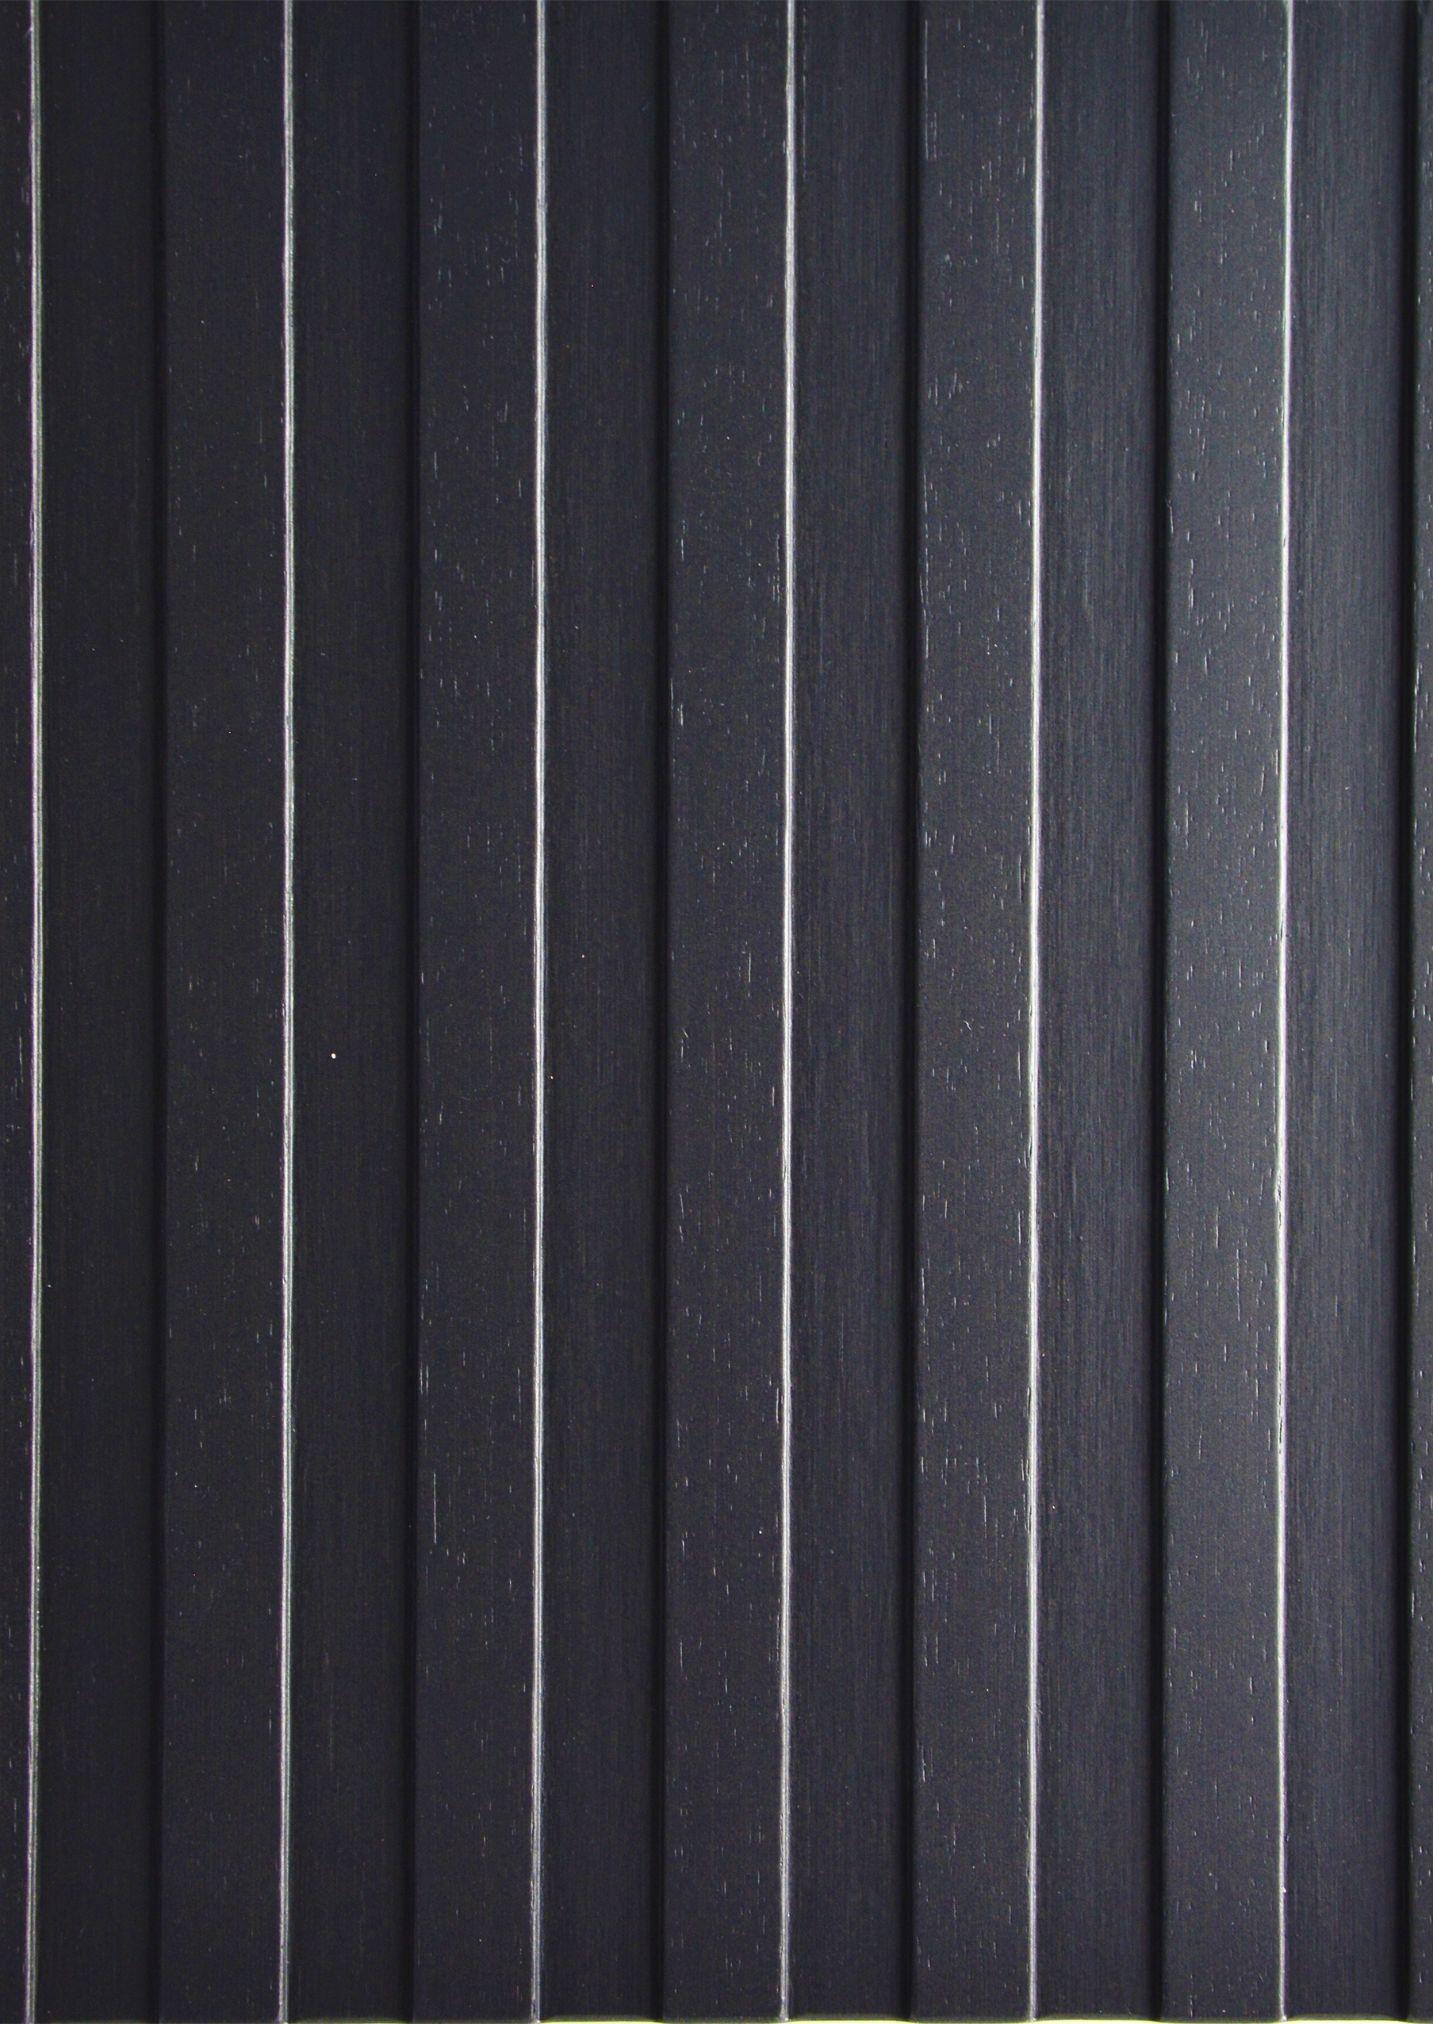 2643 - Straight - Black - Alpi veneer